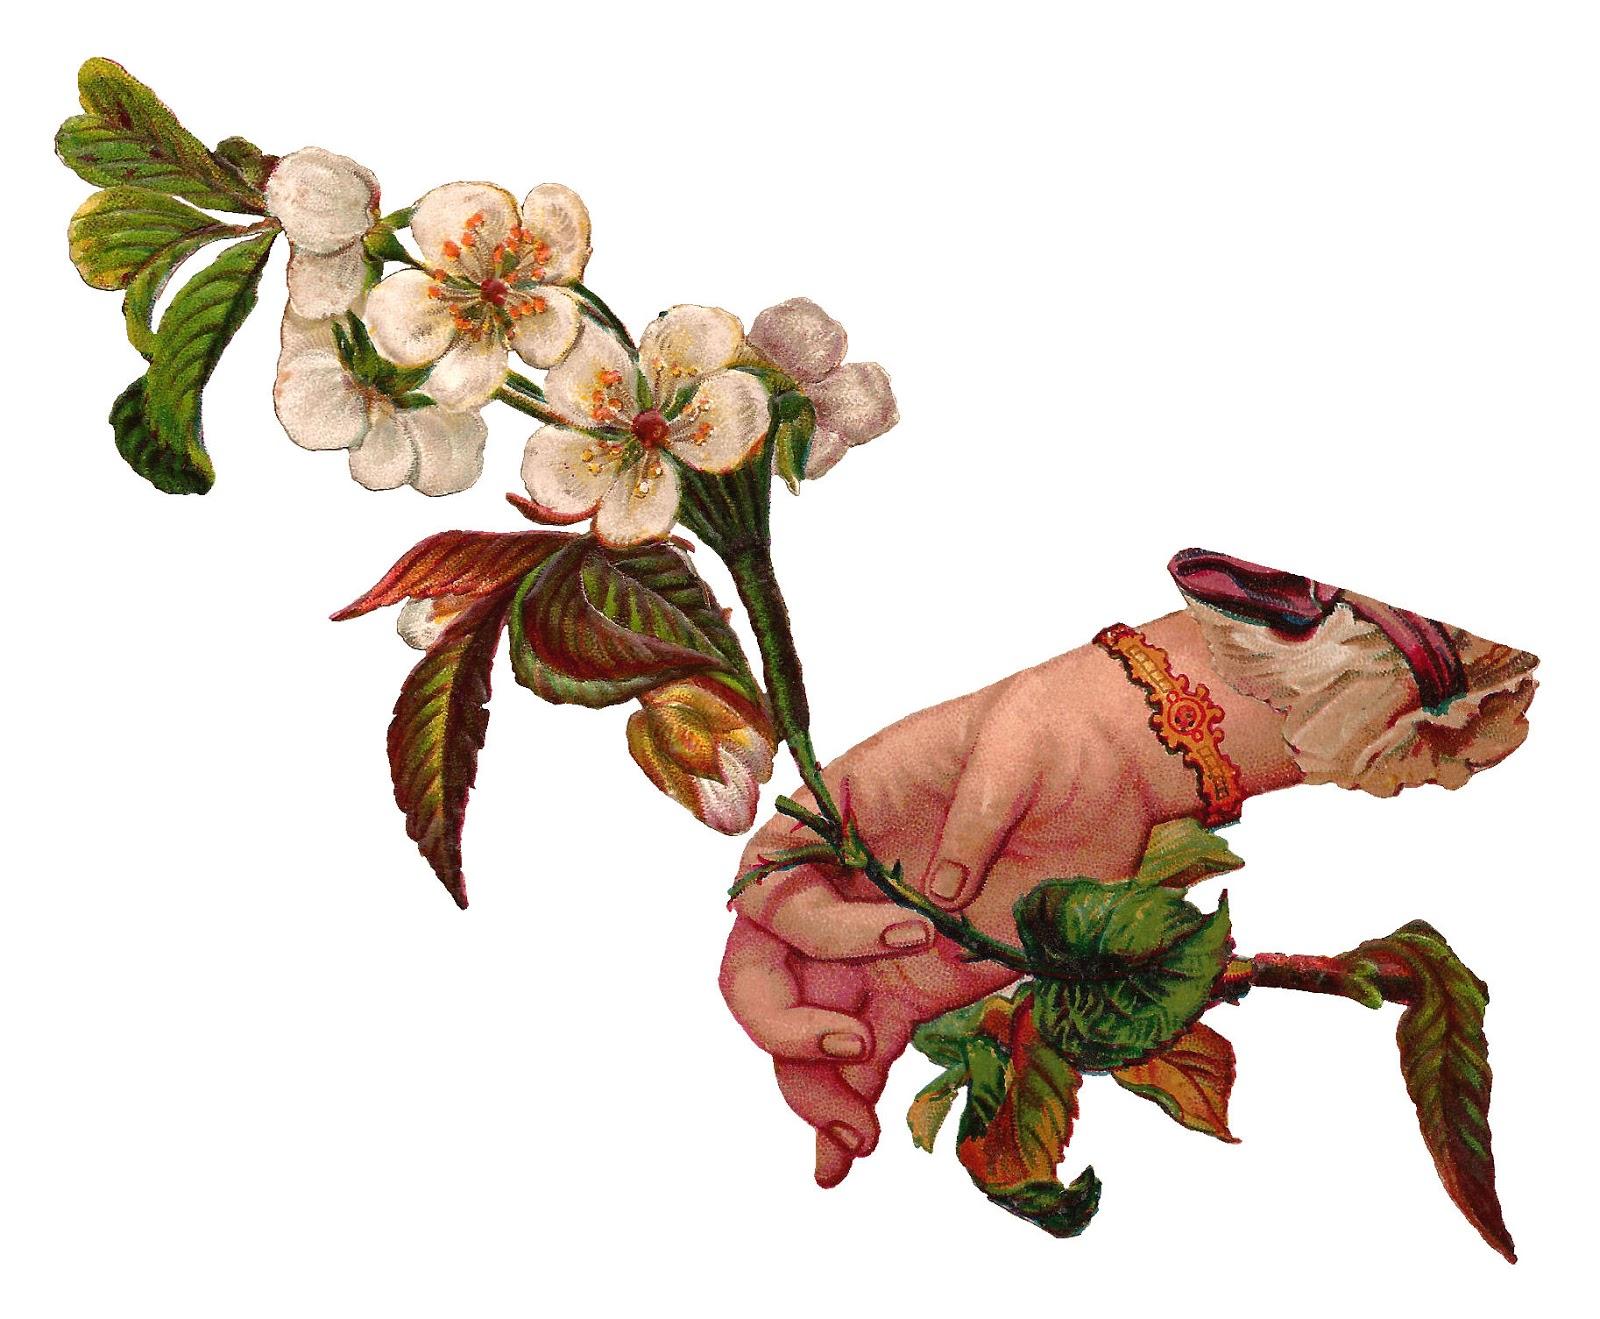 Antique Images: Digital Illustration Flower and Hand Dogwood.